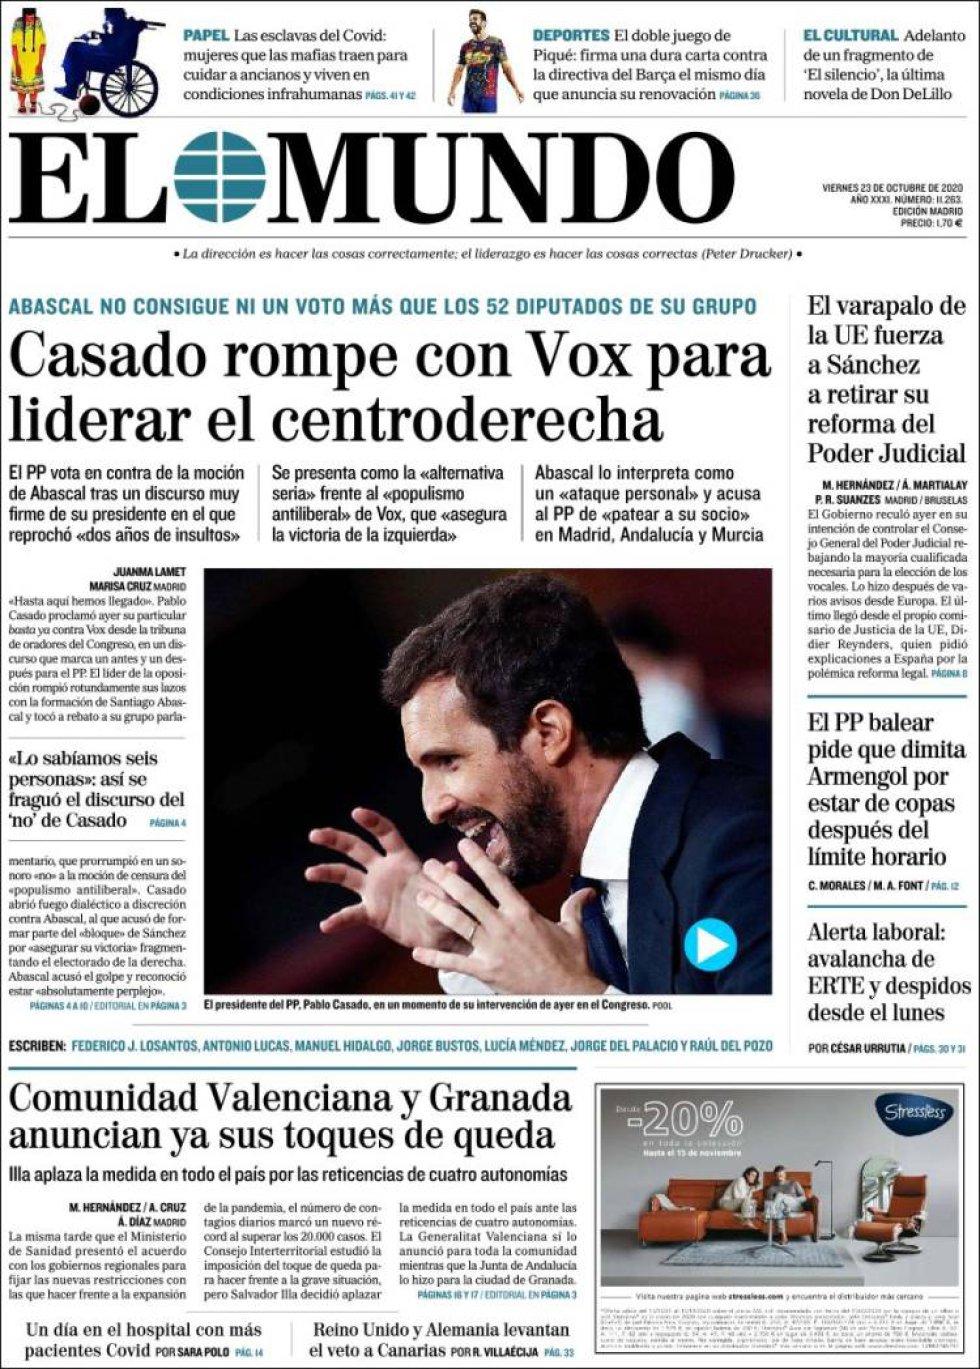 'Casado rompe con Vox para liderar el centroderecha', titula 'El Mundo'